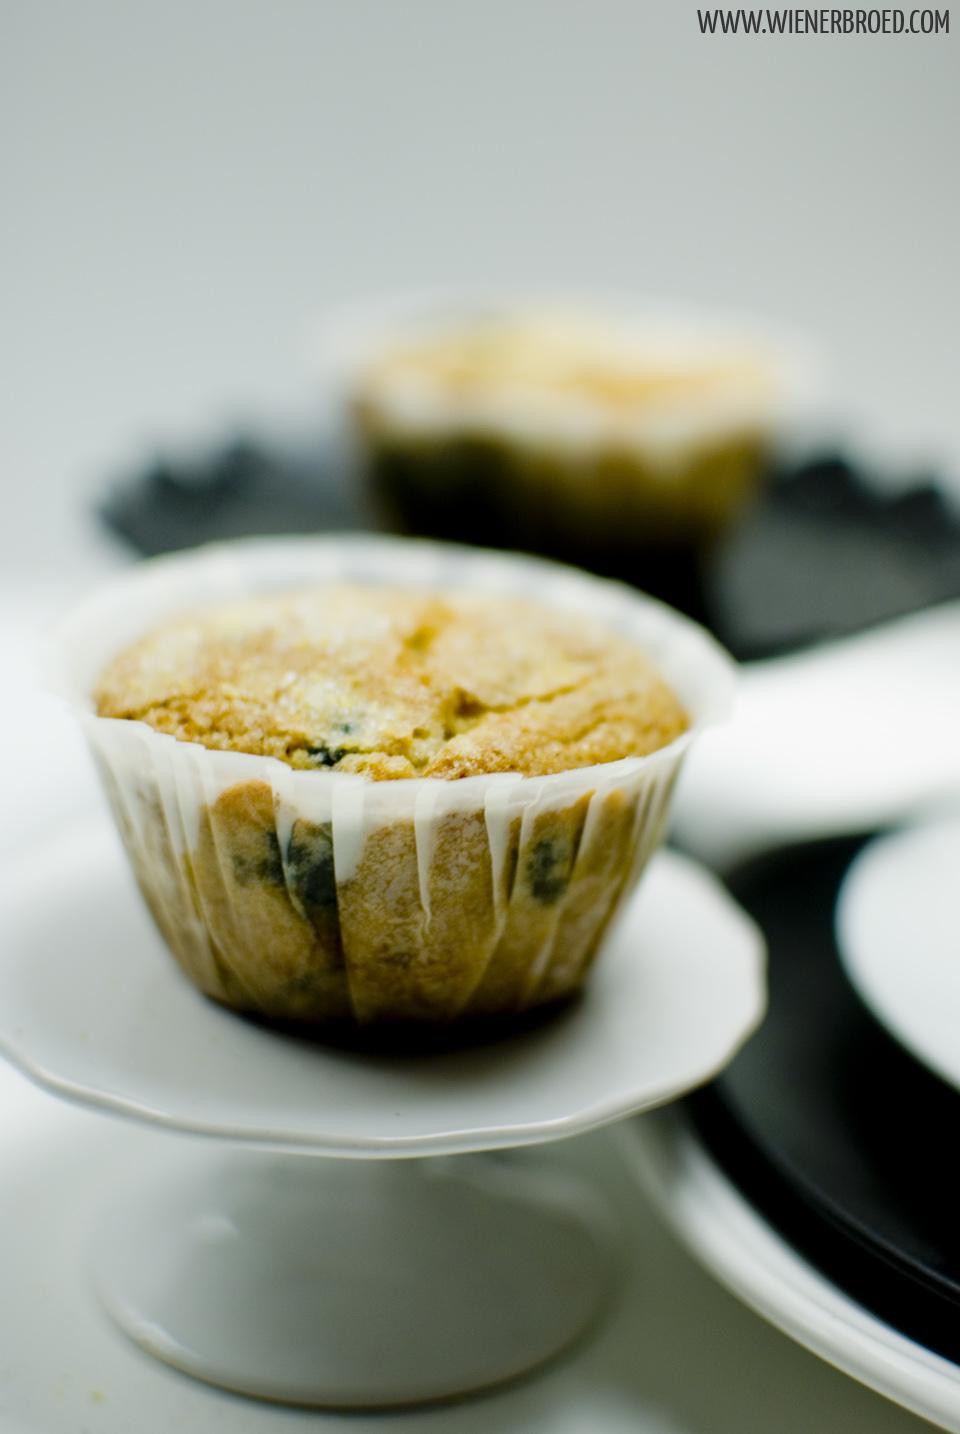 Blaubeer-Muffins / Blueberry muffins [wienerbroed.com]